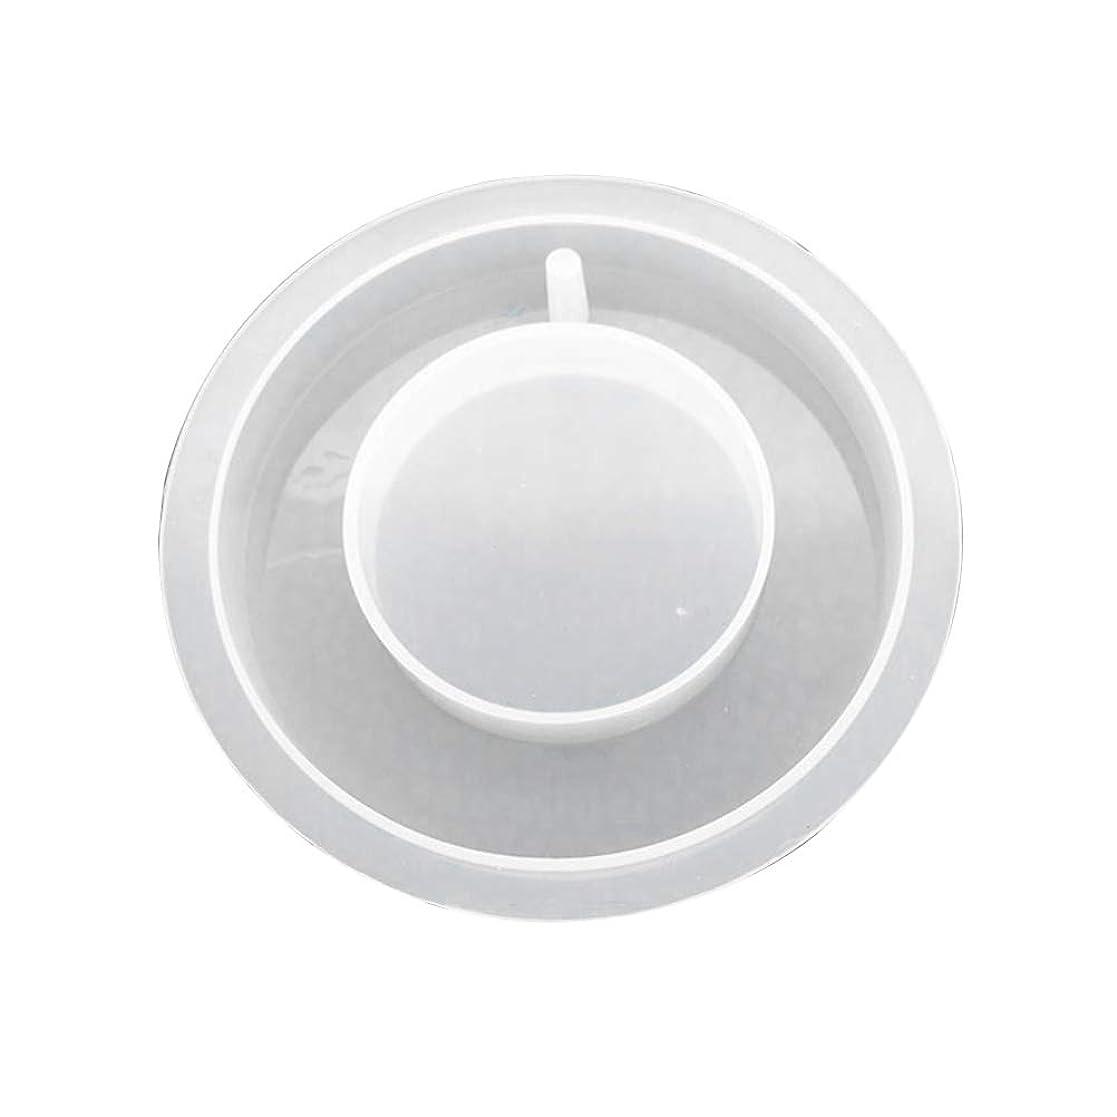 鉛筆電話するサドルSUPVOX 樹脂シリコーンリング形状ペンダントクリスタルエポキシ金型でぶら下げ穴石鹸キャンドル用diyギフトジュエリーネックレスペンダント作り